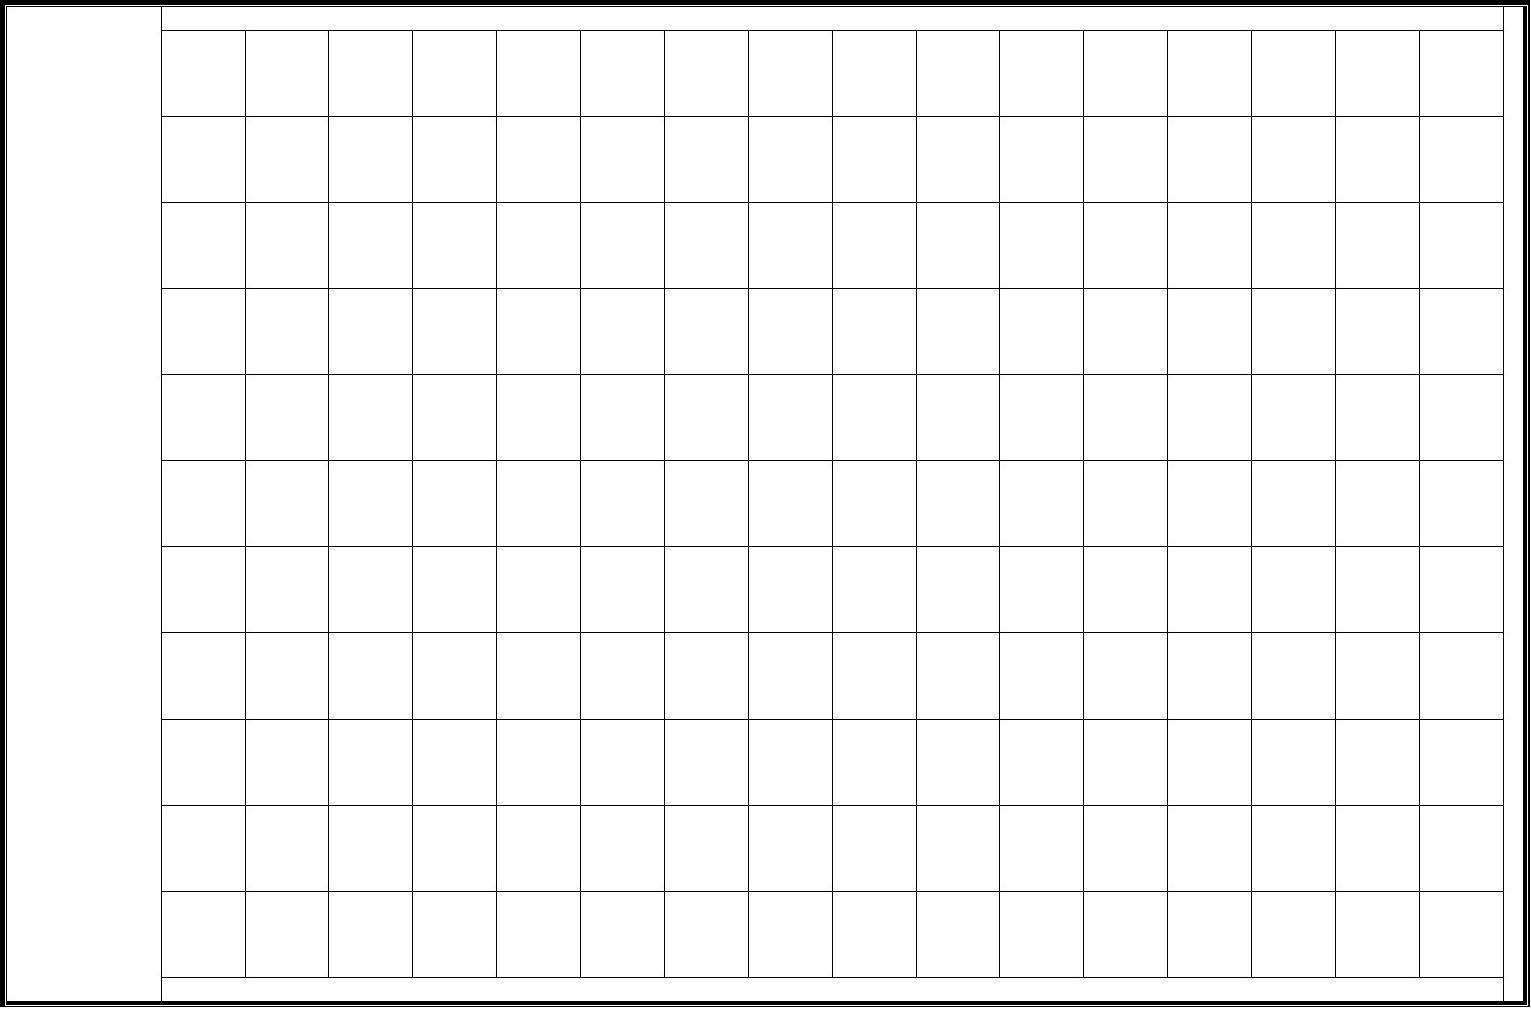 a3钢笔字格子小学生河六故乡作文年级的图片